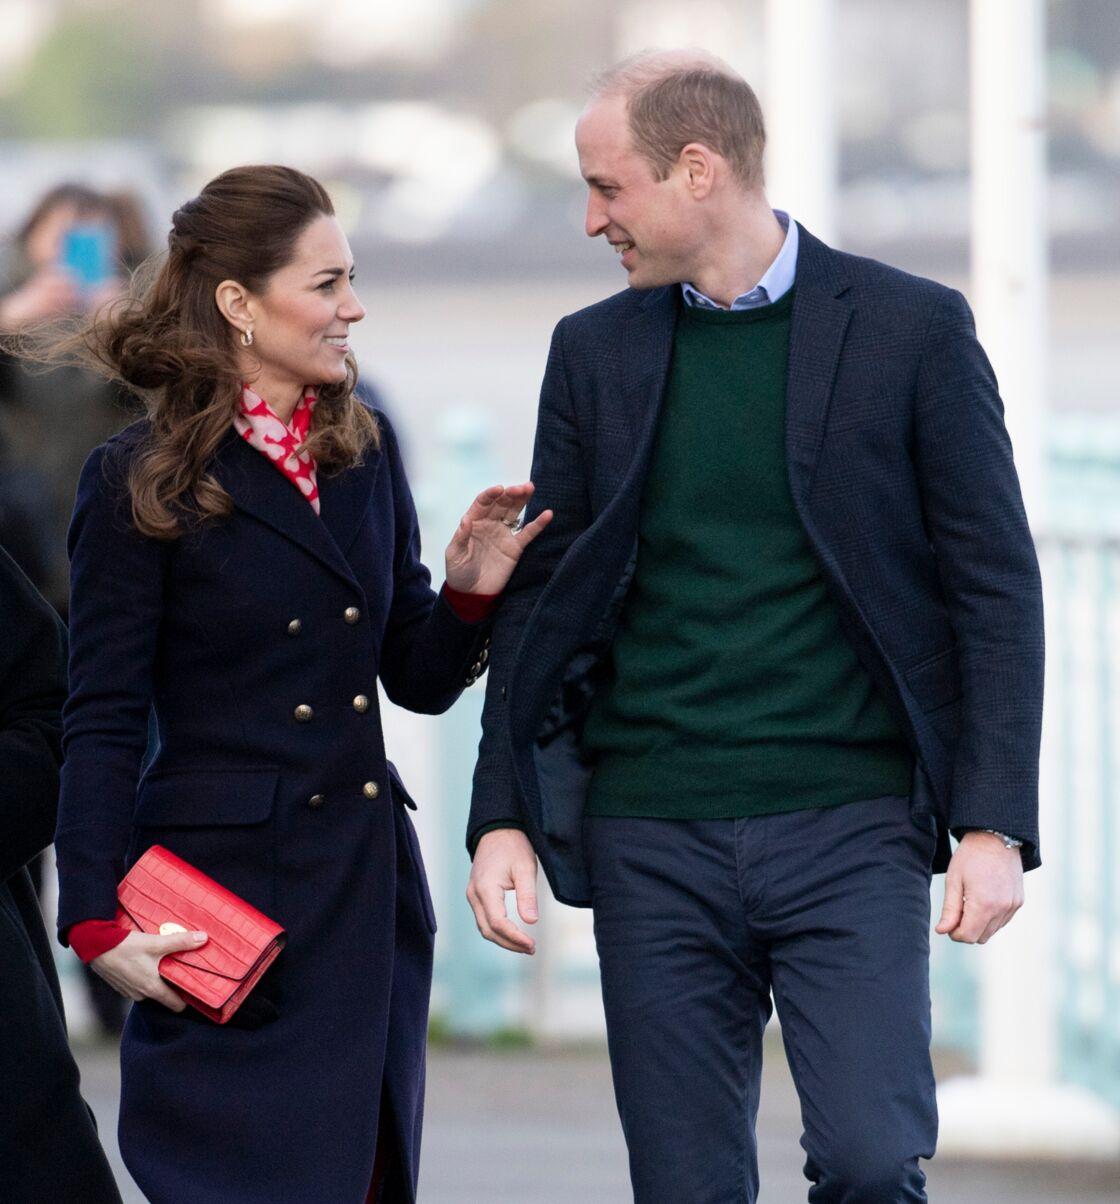 William et Kate, en plein échange, à Port Talbot, au Pays de Galles, le 4 février 2019.